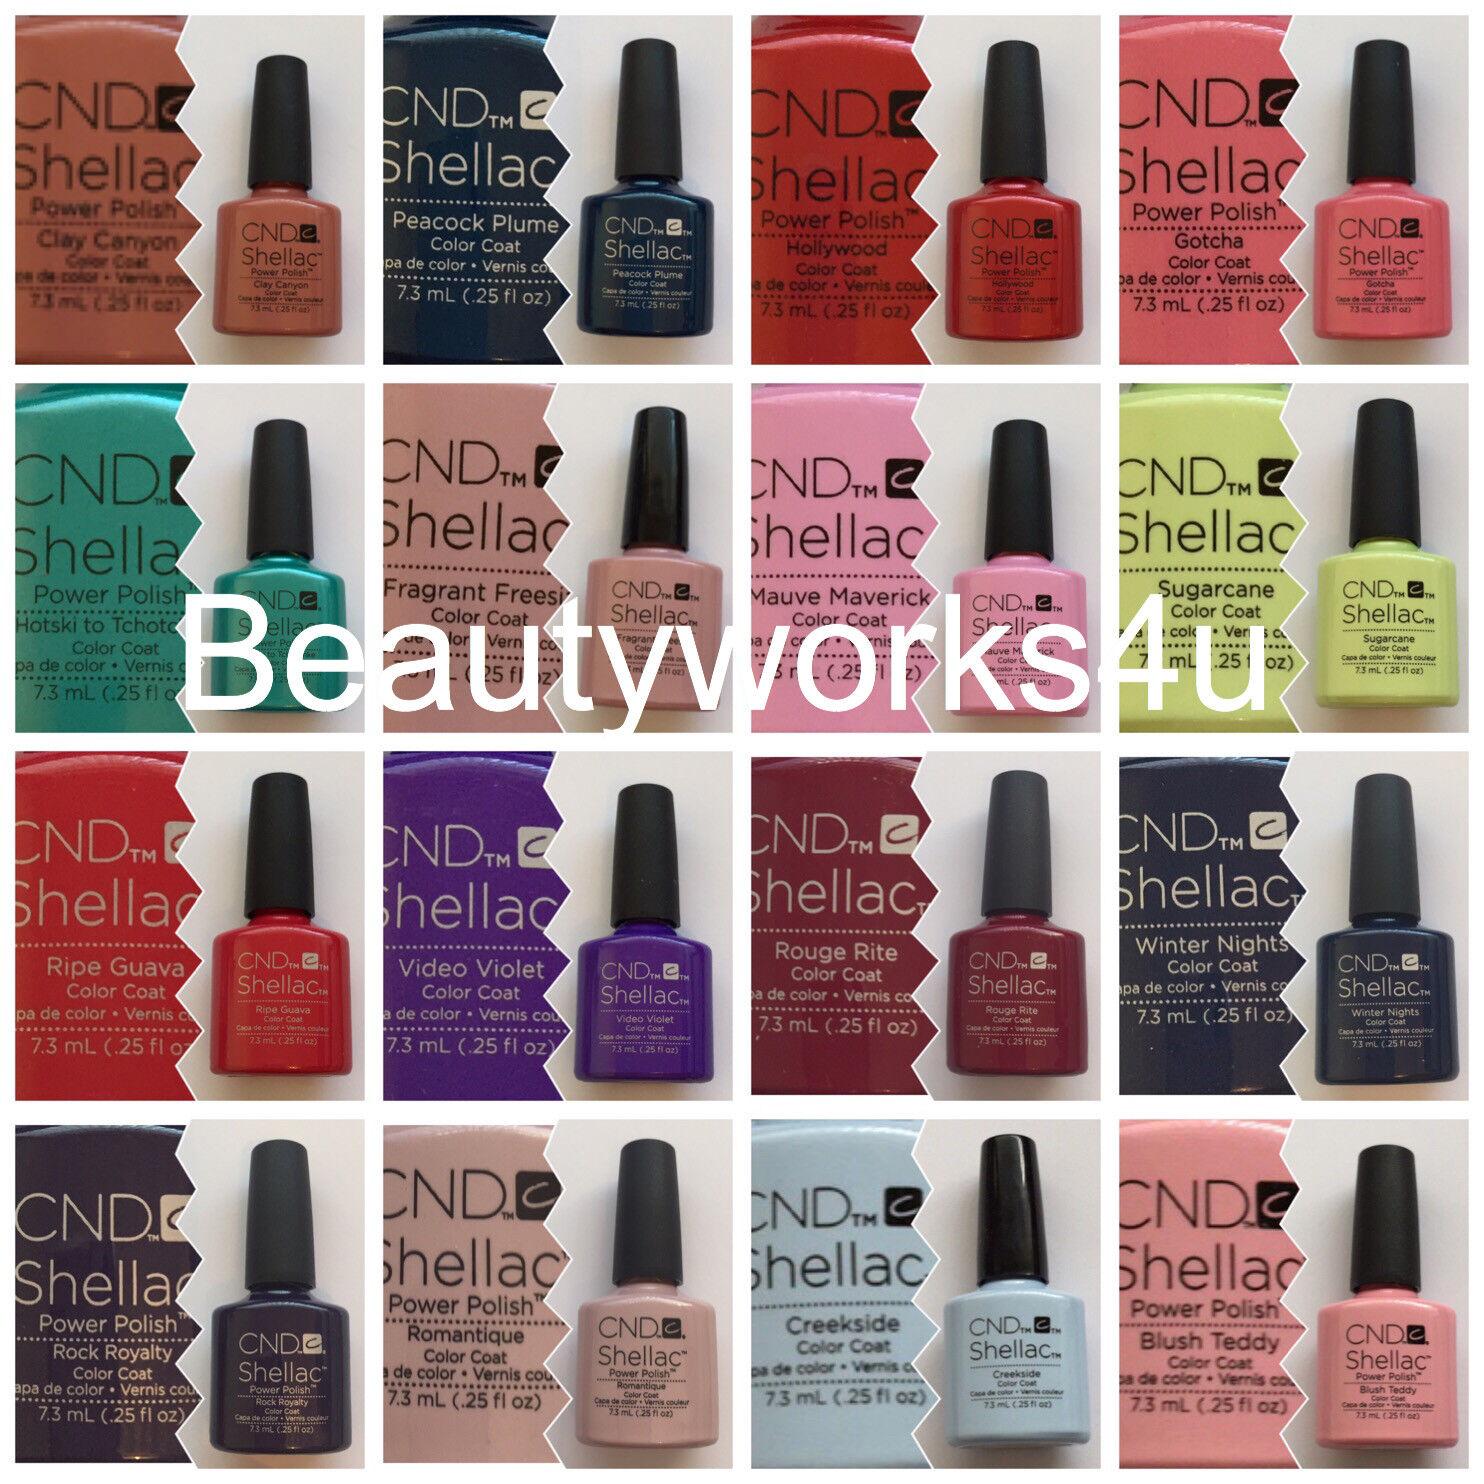 Beautyworks4u